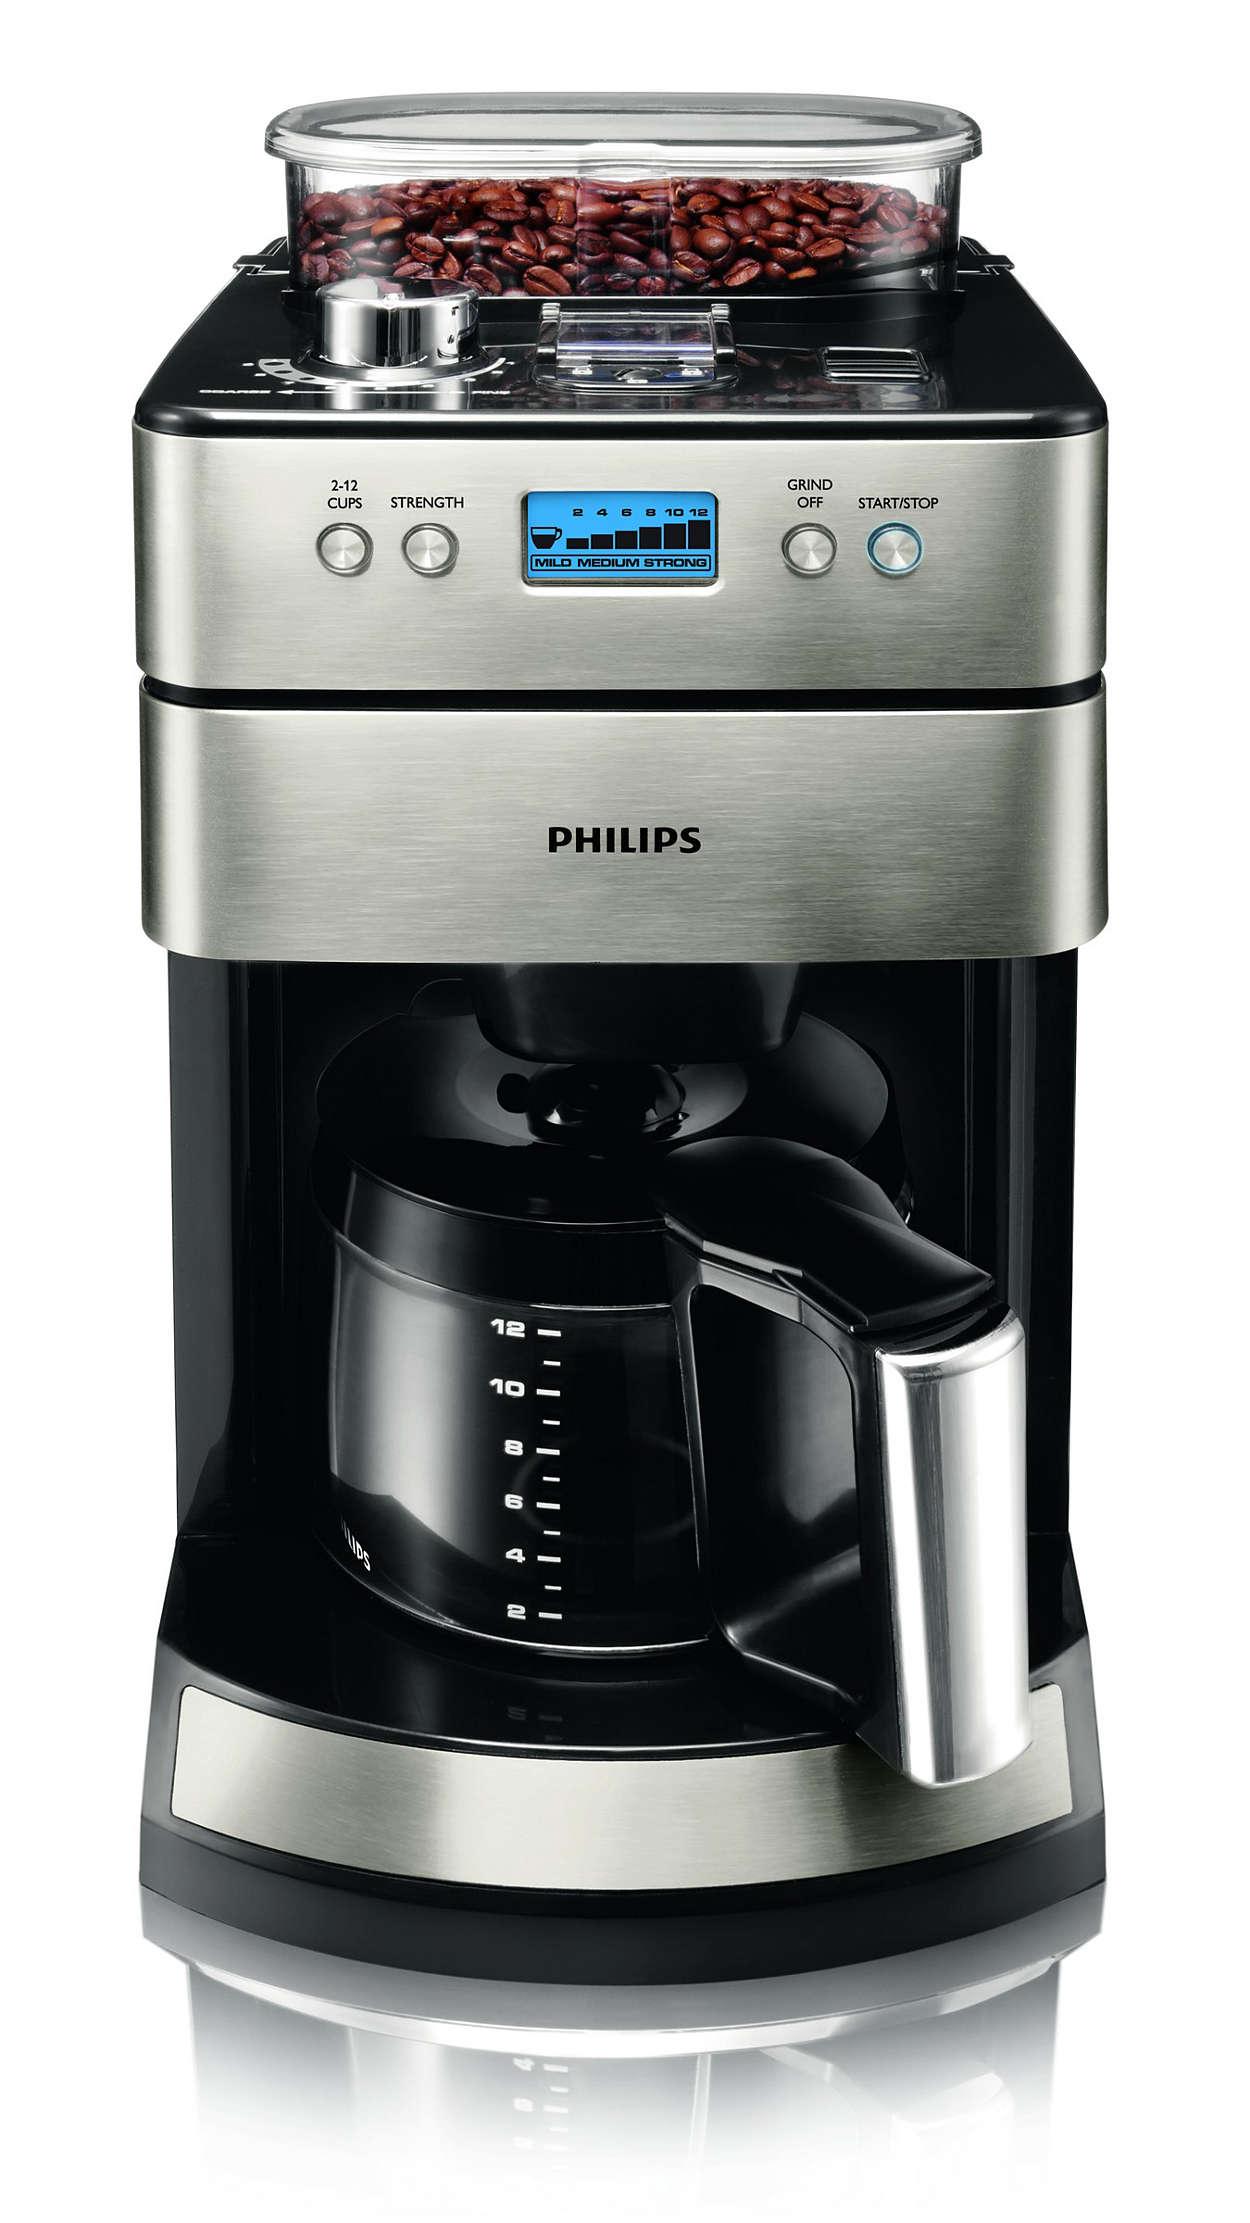 Großartiger Kaffee beginnt mit frischen Bohnen